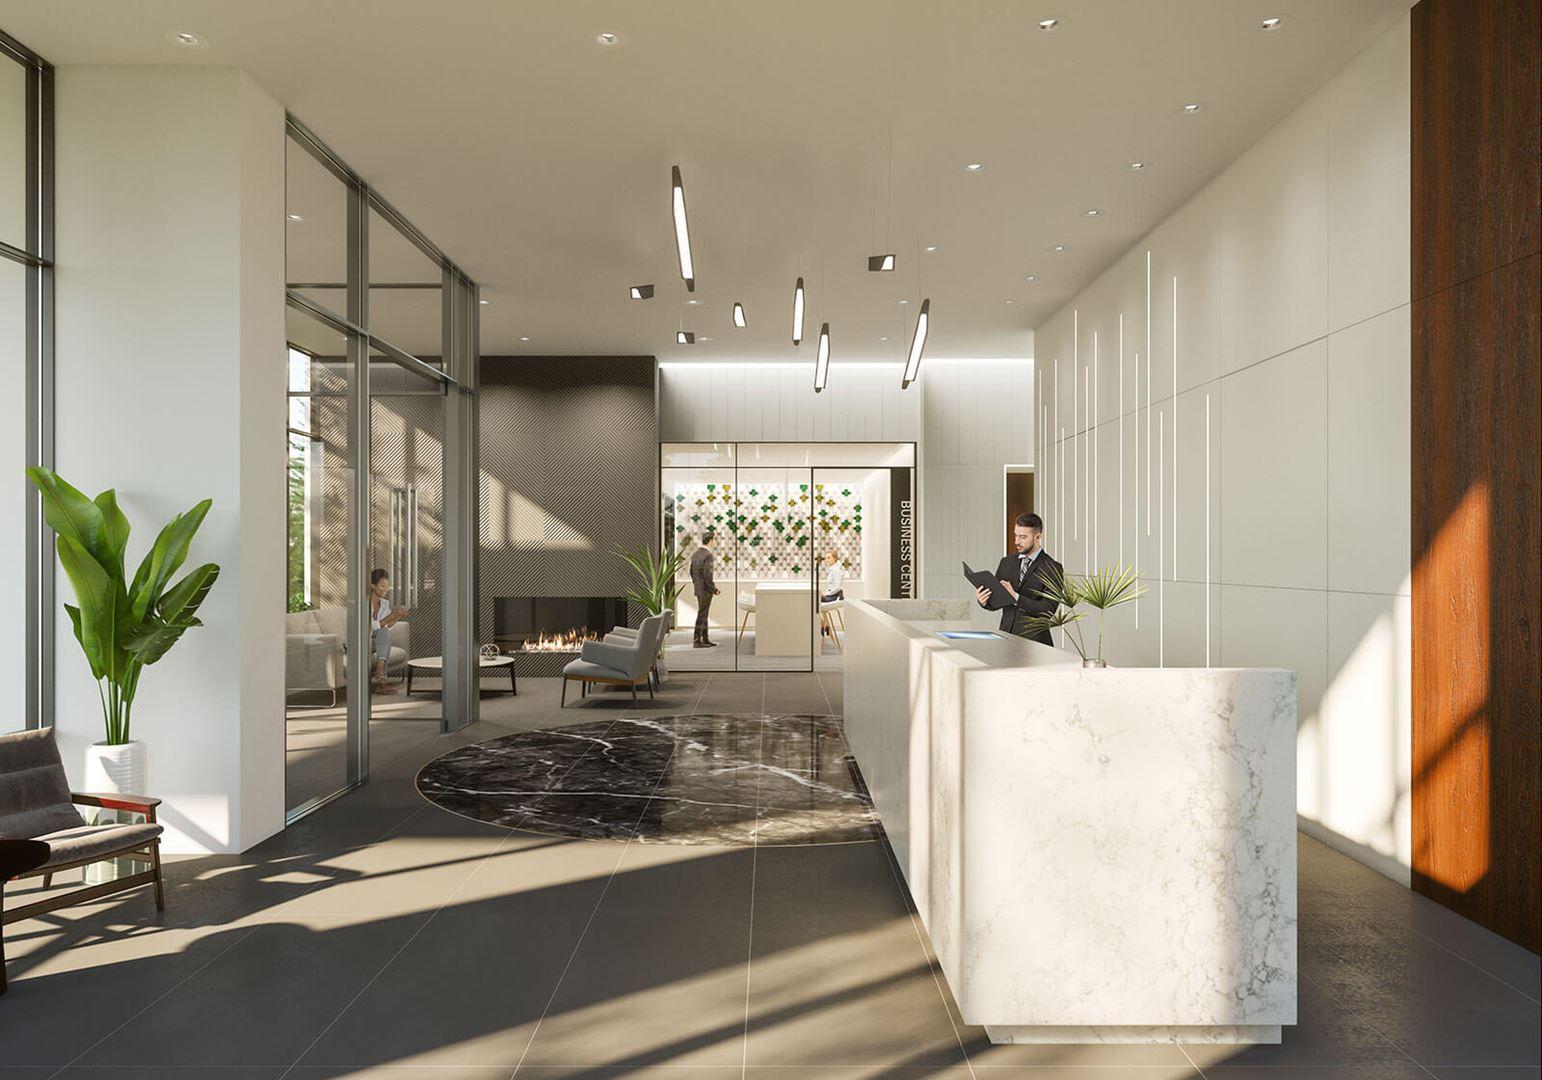 2020 12 12 04 17 02 lobby interior.6e9ab4ab